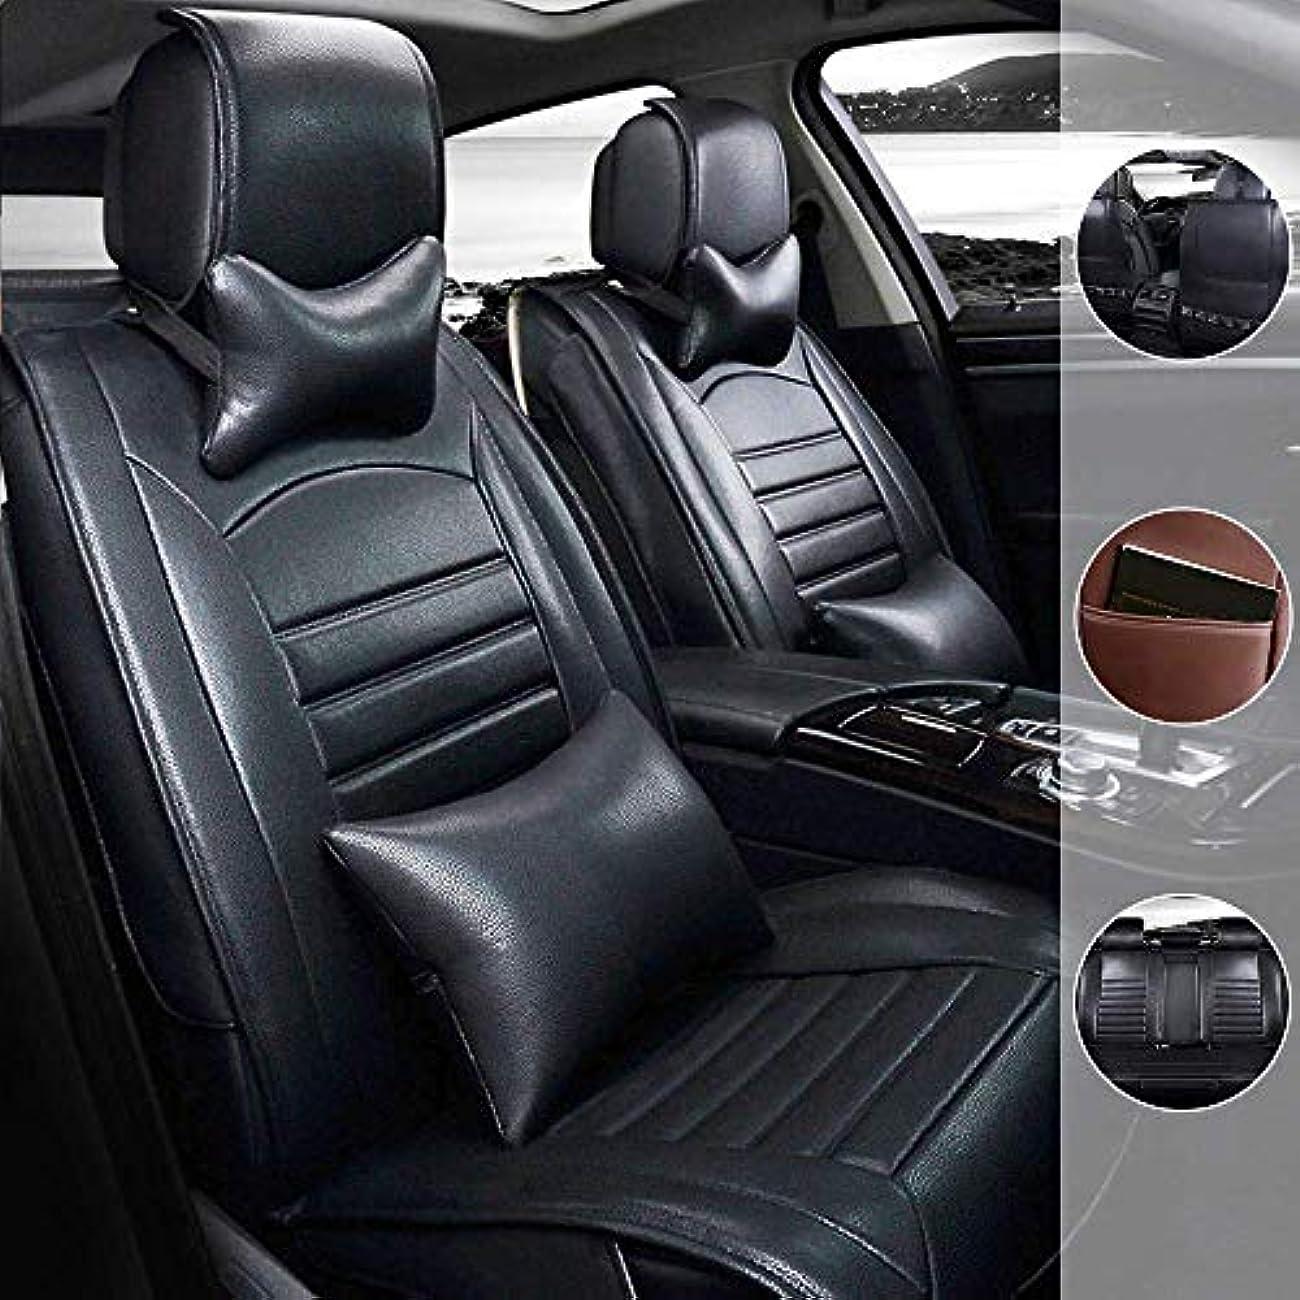 戦闘三十会議シートカバー に適しています Range Rover Evoque 5席 汎用 前席シート+後席用 フルセット カー シートカバー 保護カバー 防水 防汚 PU レザー オールシーズン 軽普通車用 エプロンタイプ (黒)デラックス版 9枚セット